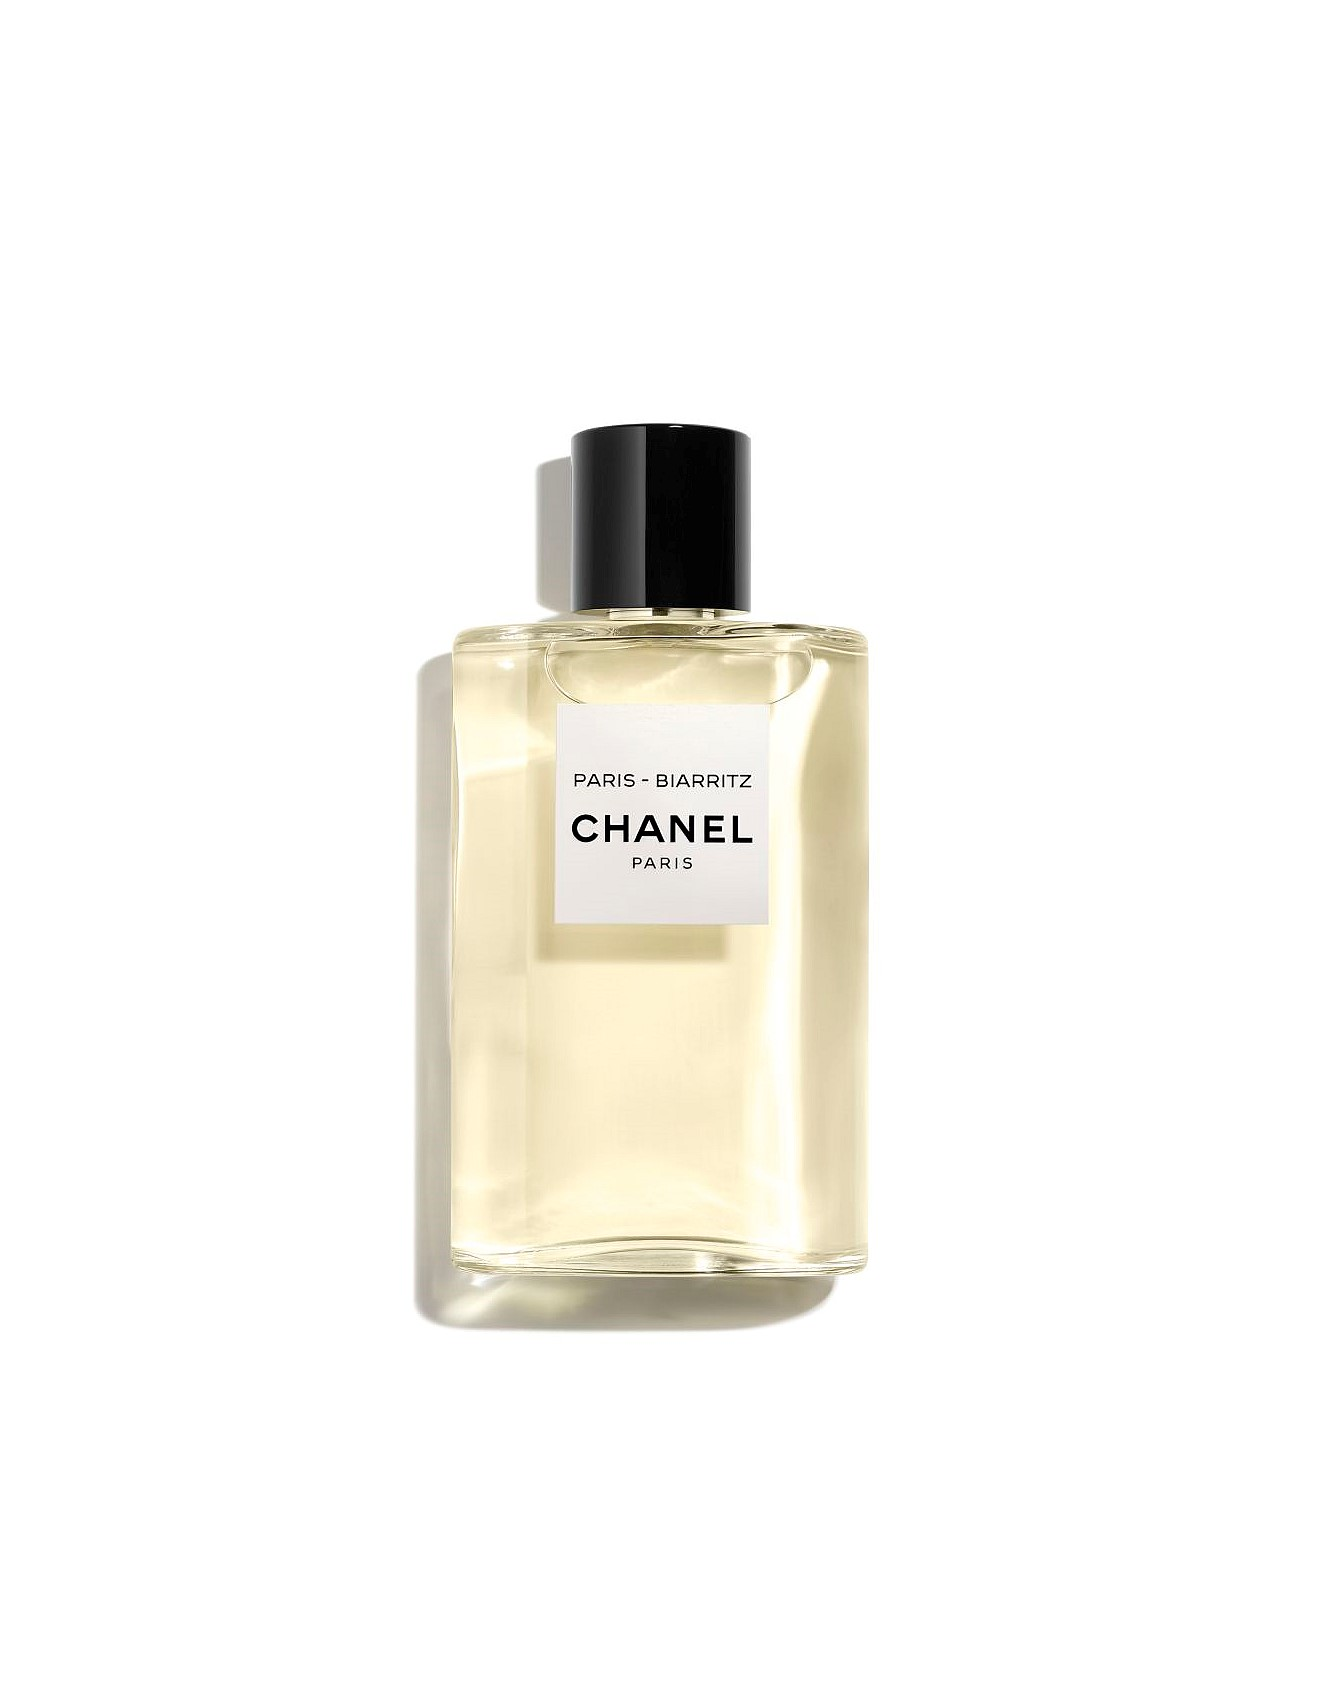 Chanel Coco Chanel Chanel Perfume Makeup David Jones Paris